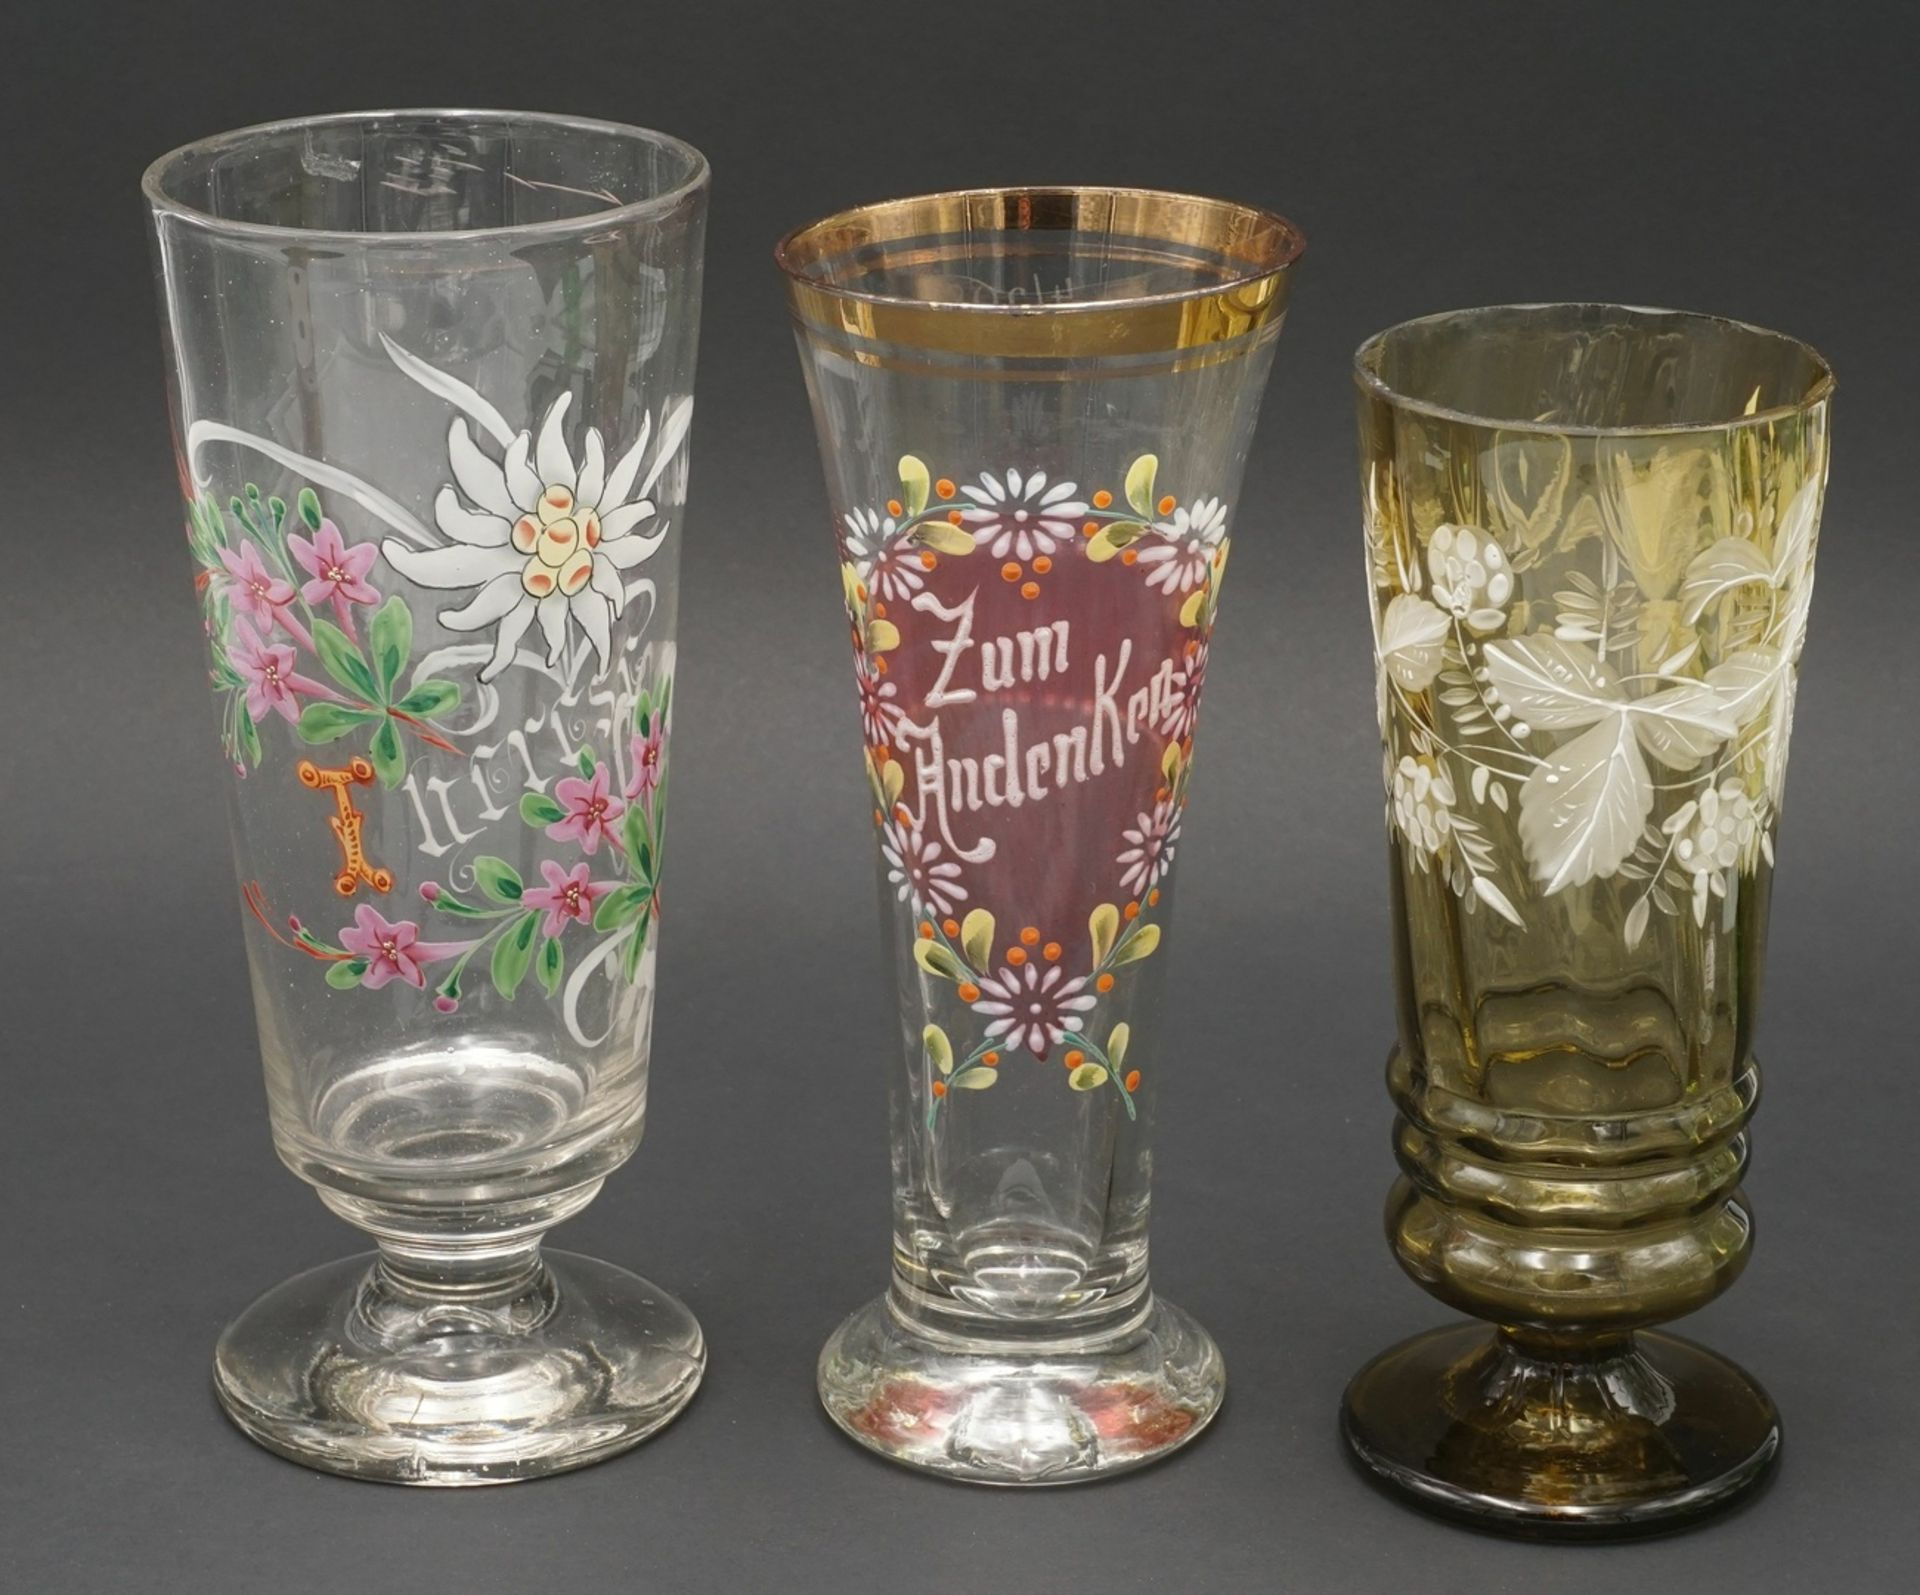 Sechs Gläser, um 1900 - Bild 2 aus 4